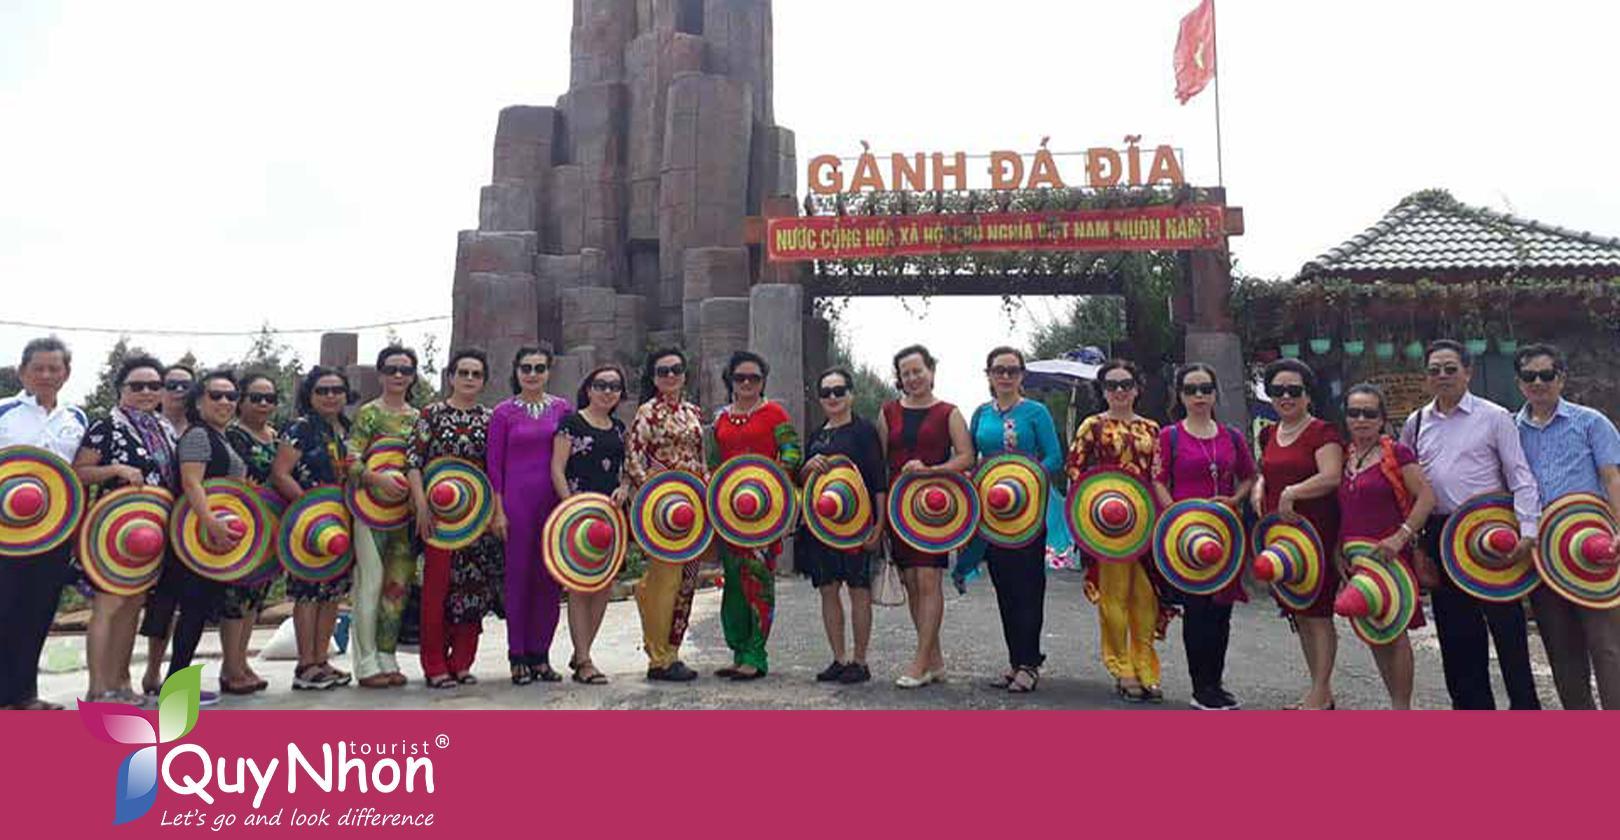 Tour Bình Định du khách check in tại Gành Đá Đĩa.